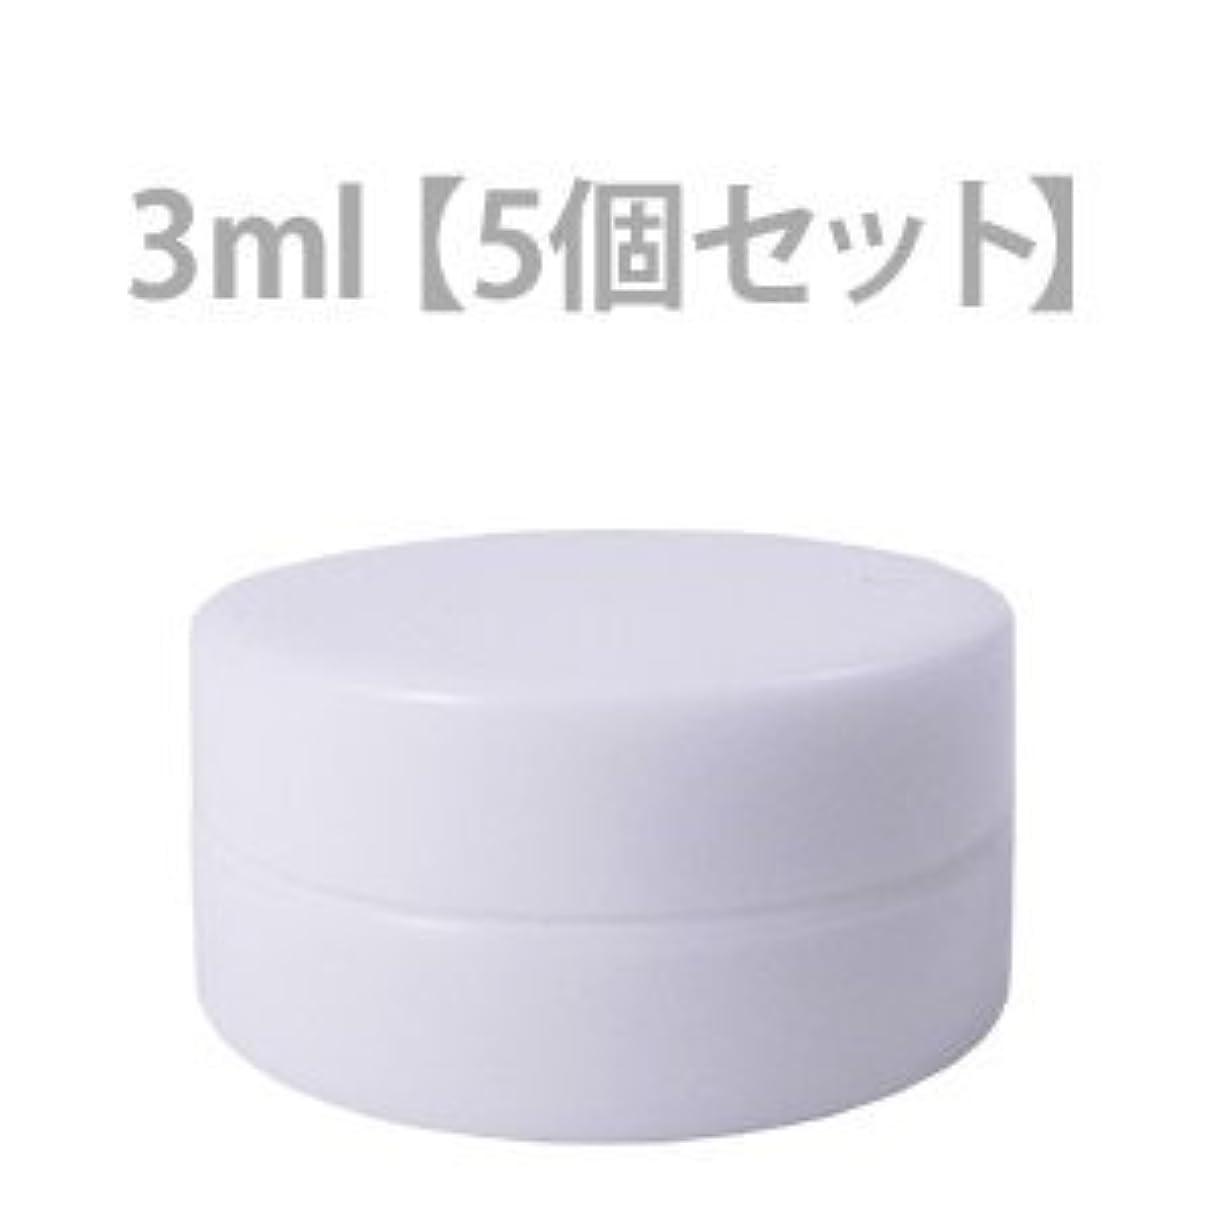 夏生物学世界的にクリーム用容器 化粧品容器 3ml 5個セット